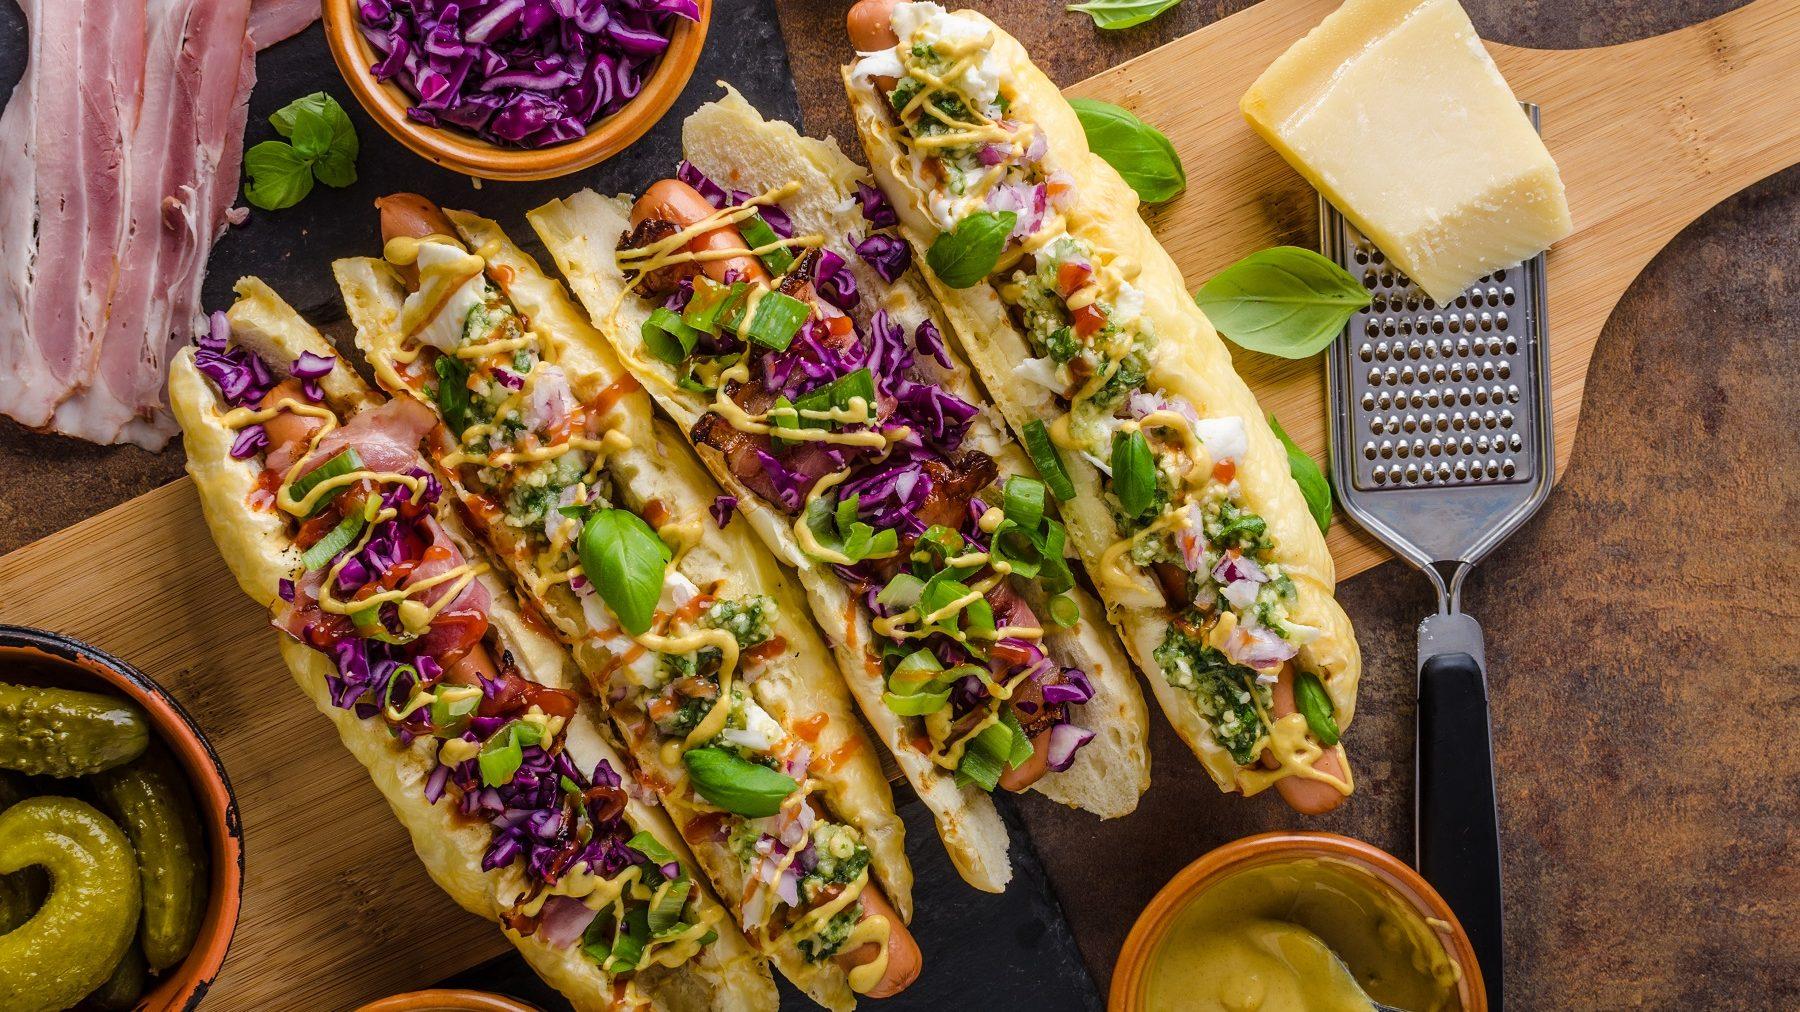 Hot Dogs mit Gemüse und Curry-Soße auf einem Holzbrett. Die Hot Dog Brötchen sind mit Käse überbacken. Um die Hot Dogs herum liegt bacon, vier Scalen mit Gurken, Lauch, Rotkohl und Curry-Soße. Rechts neben den Brötchen liegt ein Stück Käse mit einem Käsehobel. Über den Hot Dogs ist Basilikum verteilt.